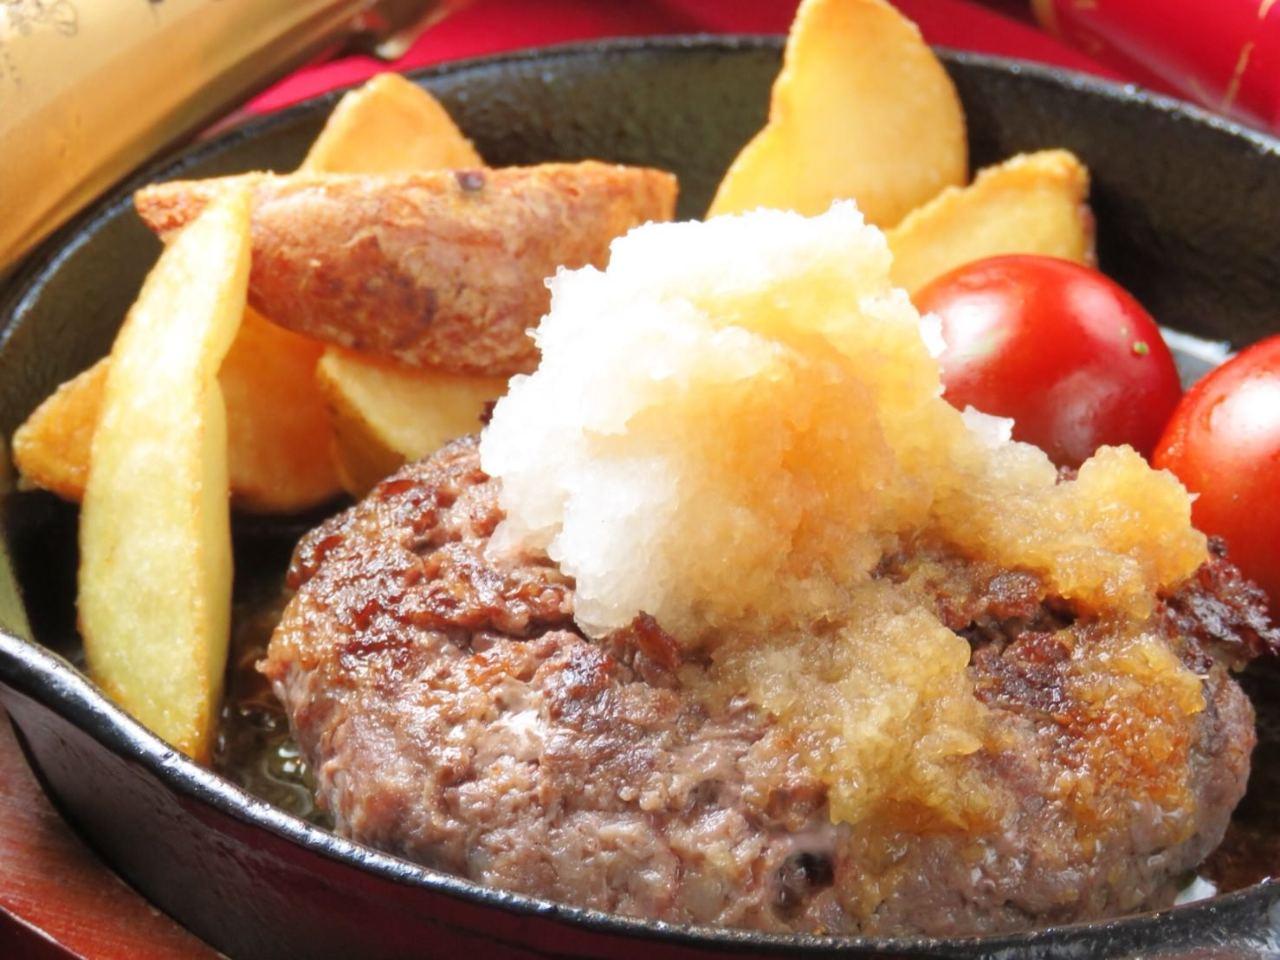 天神の【馬肉酒場 バルバニック】がおすすめする「馬肉のハンバーグ」